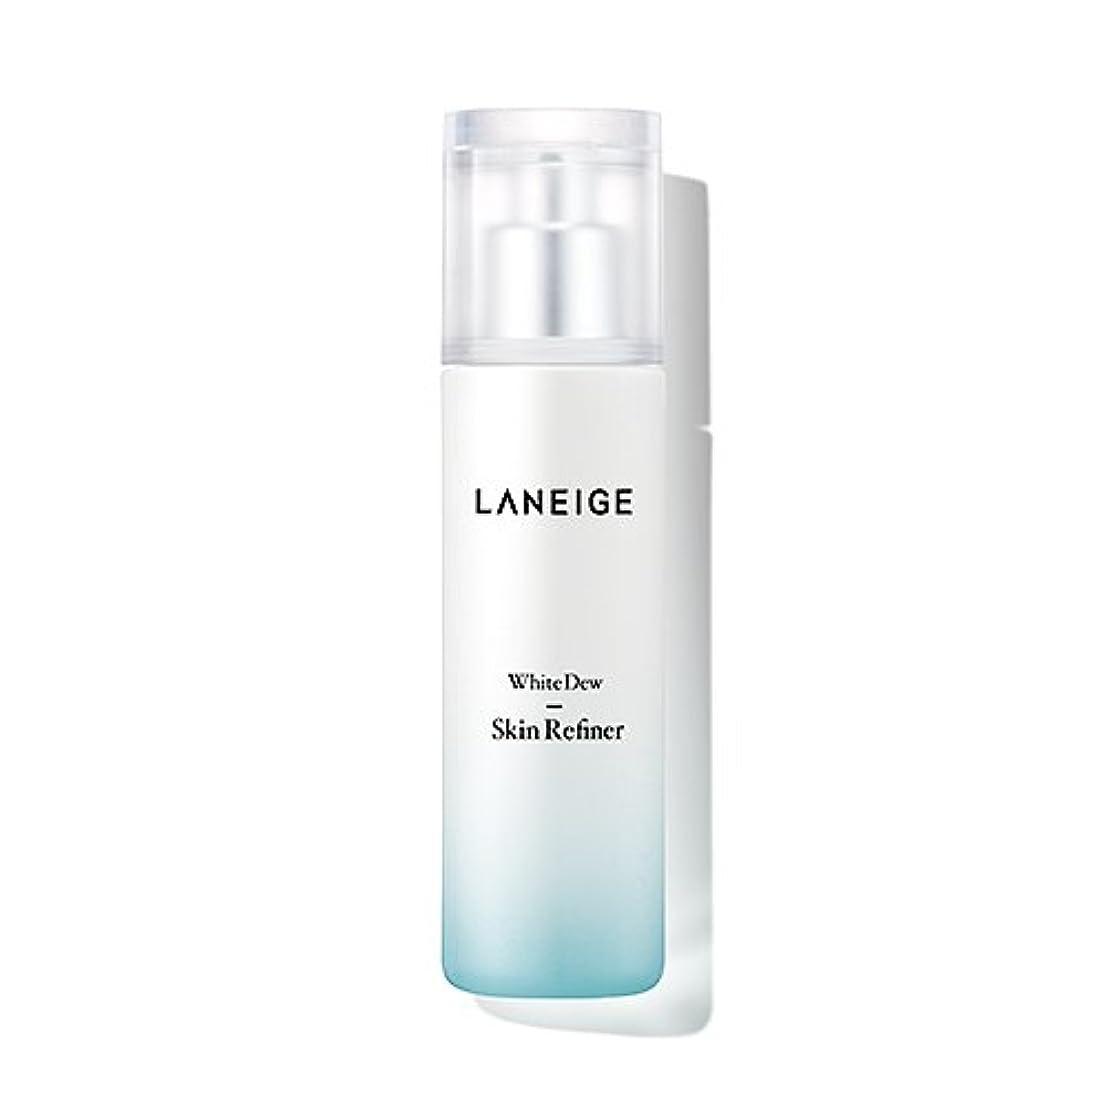 蜂輪郭突然[ラネージュ] LANEIGEホワイトデュースキンリファイナー White Dew Skin Refiner(海外直送品) [並行輸入品]